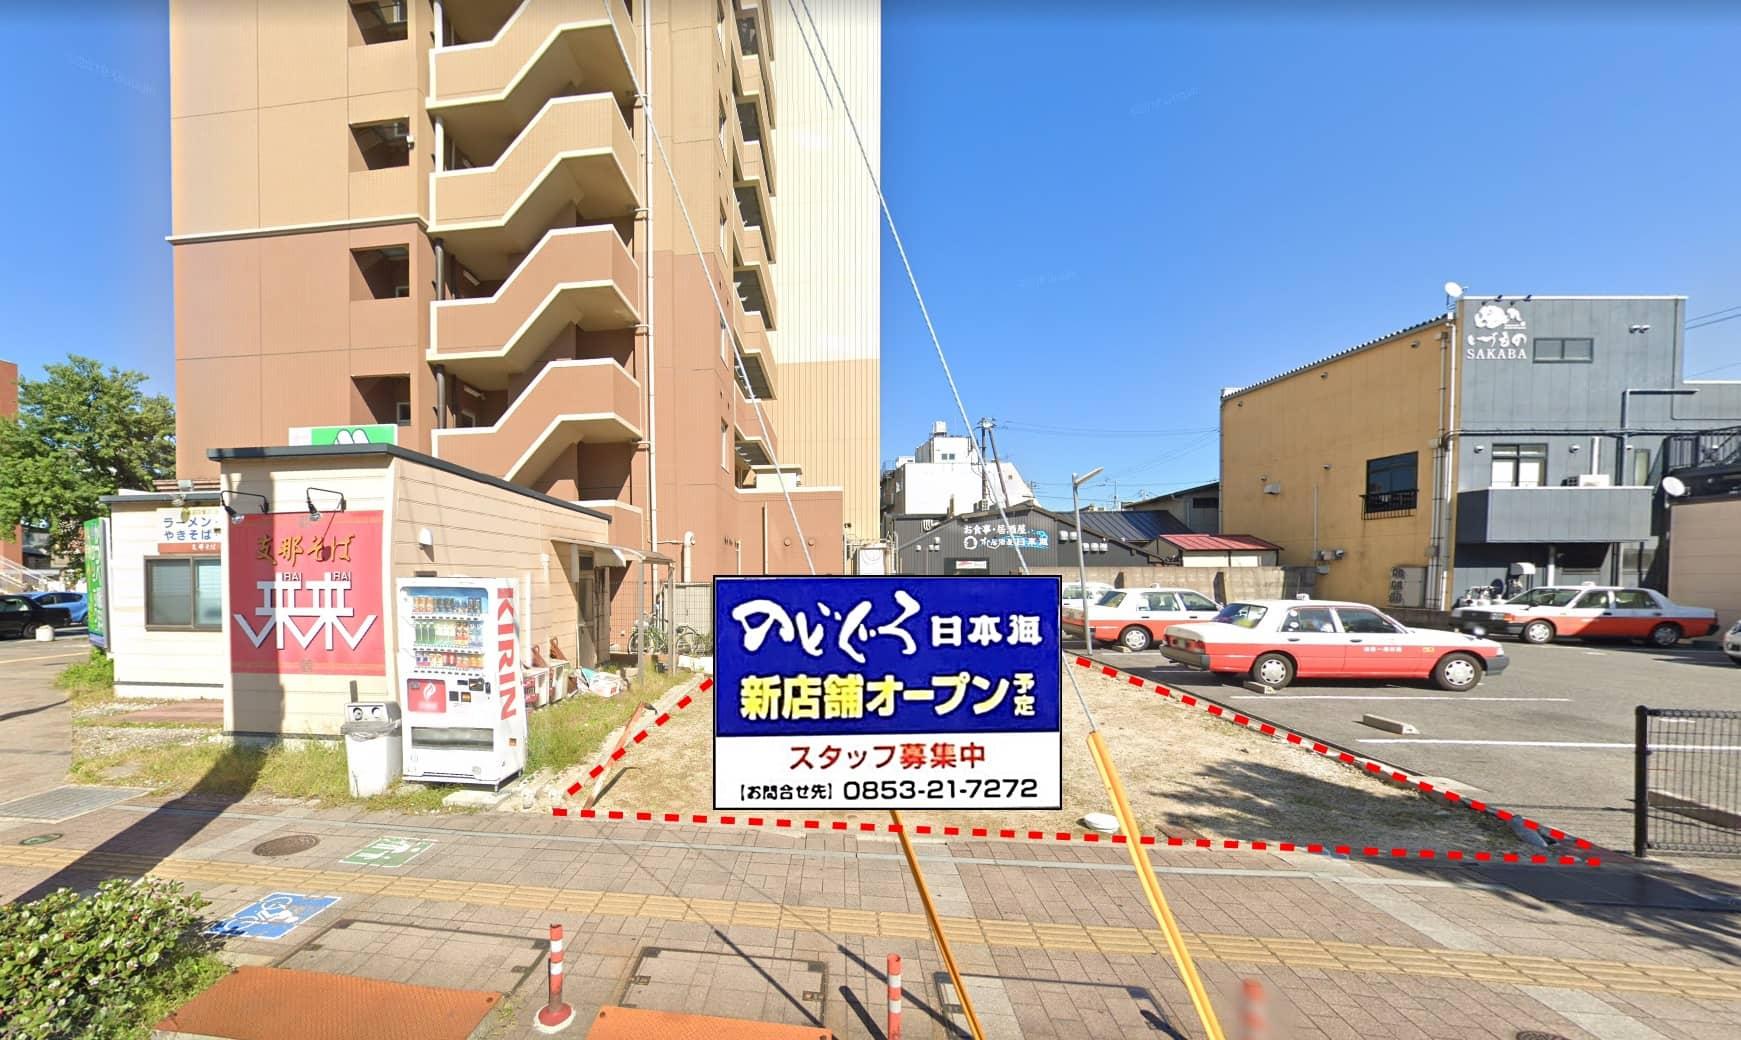 のどぐろ日本海 新店舗予定地